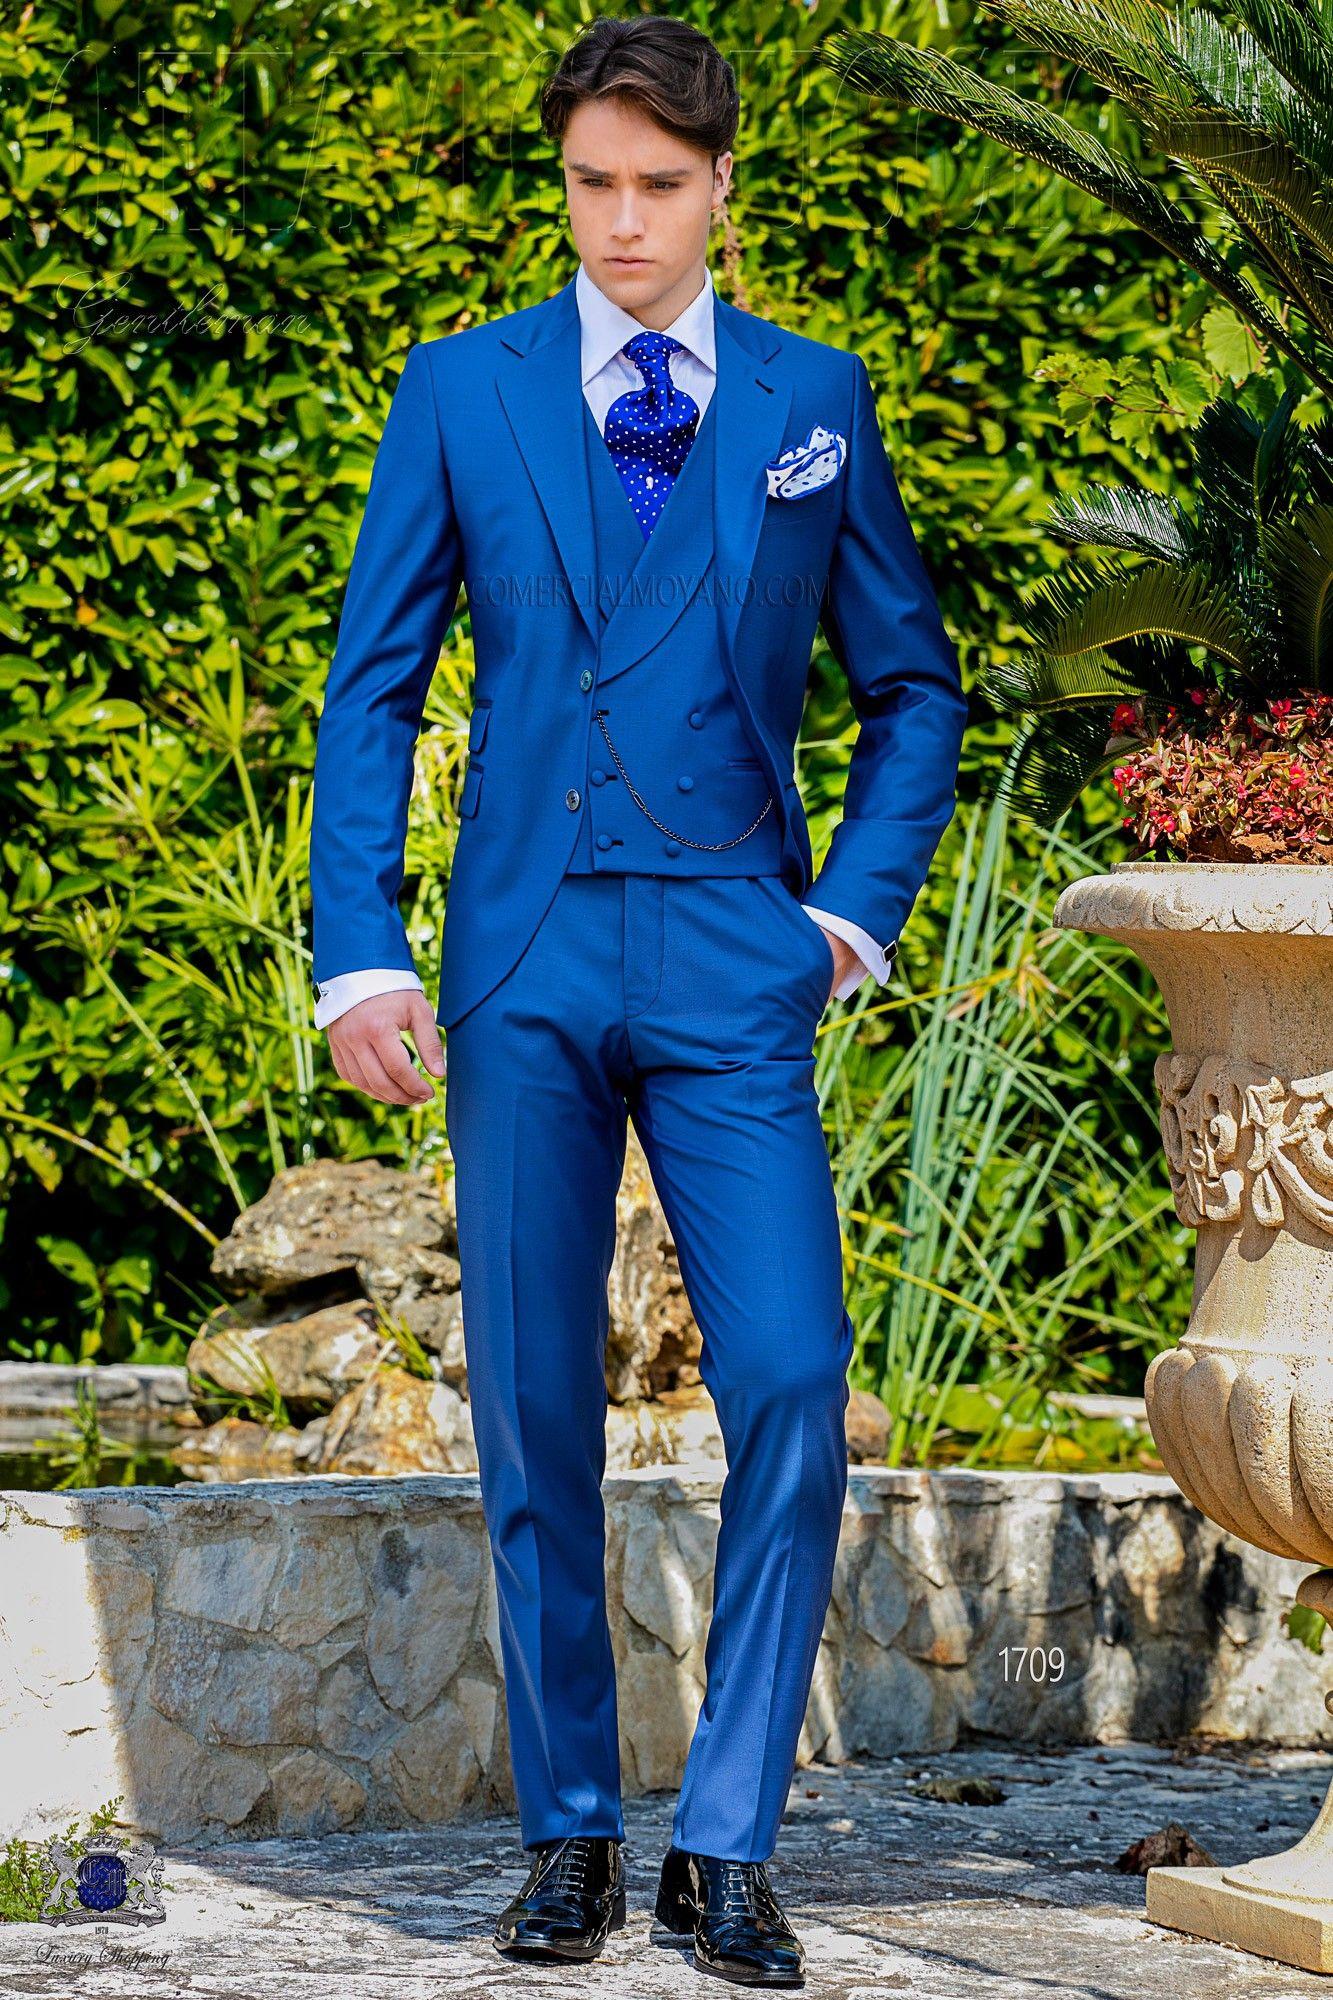 costume homme italien bleu royal laine m lang en 2019 costume francois pinterest costume. Black Bedroom Furniture Sets. Home Design Ideas